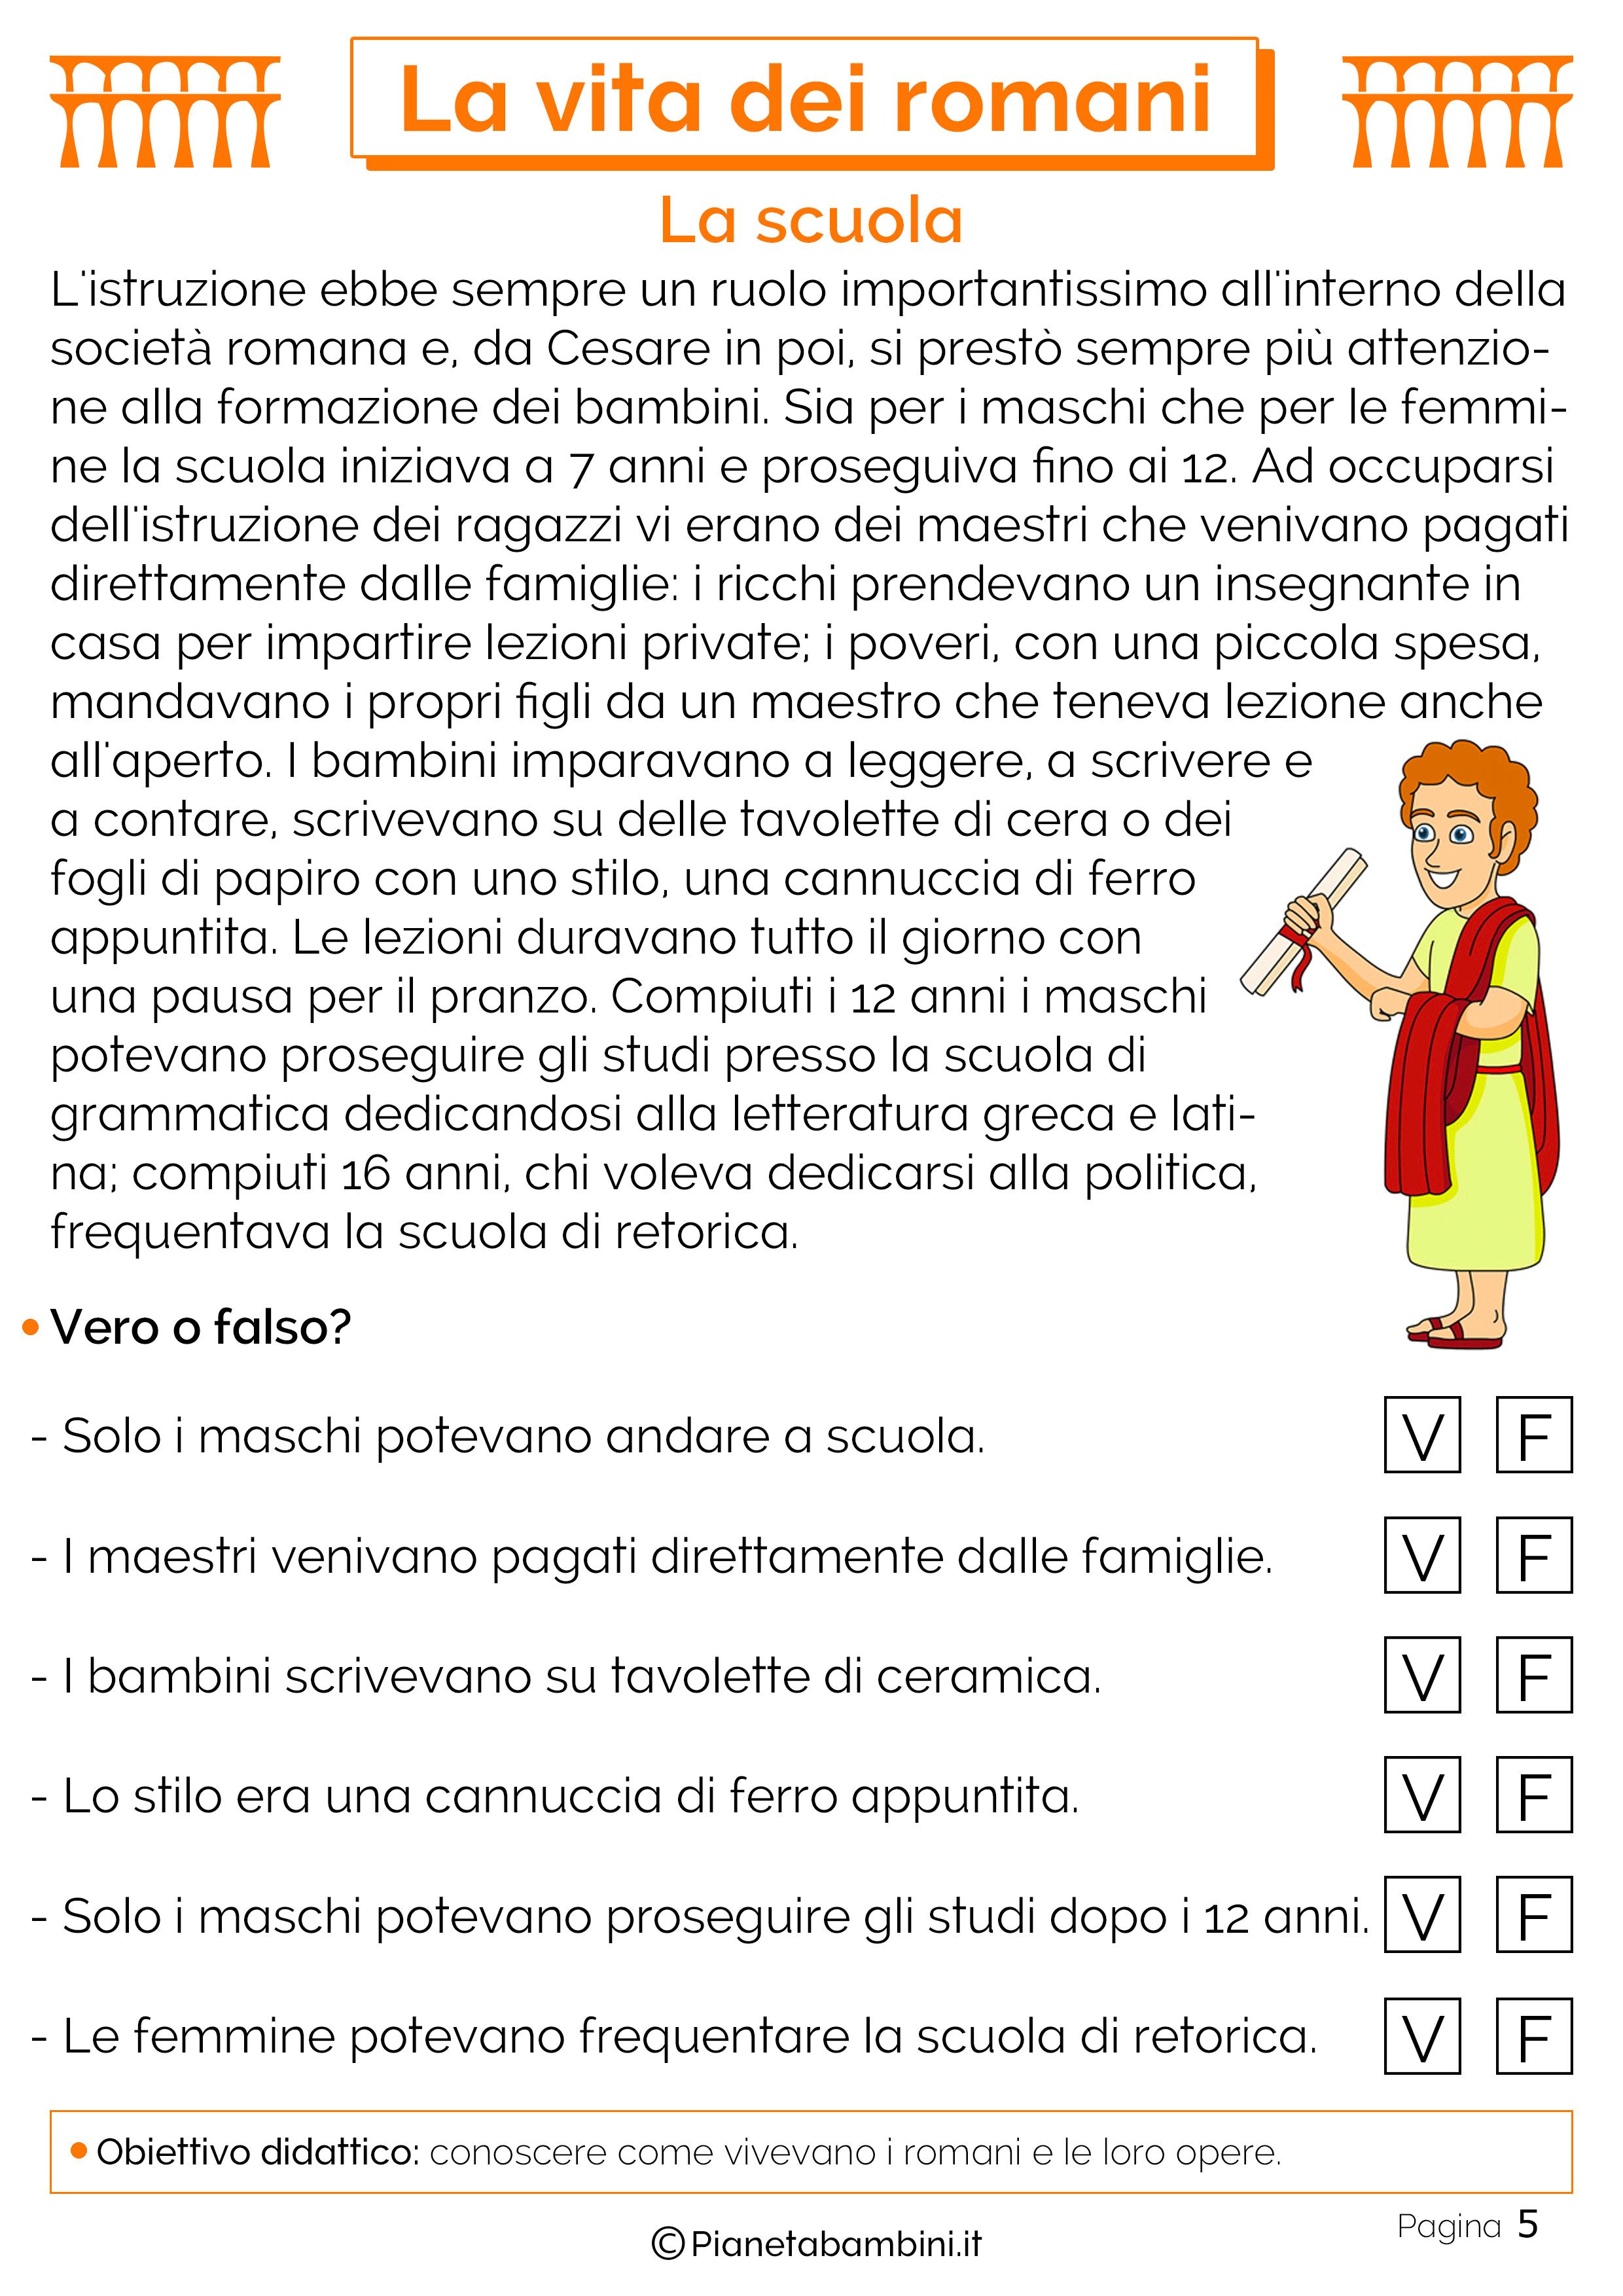 Istruzione per i romani